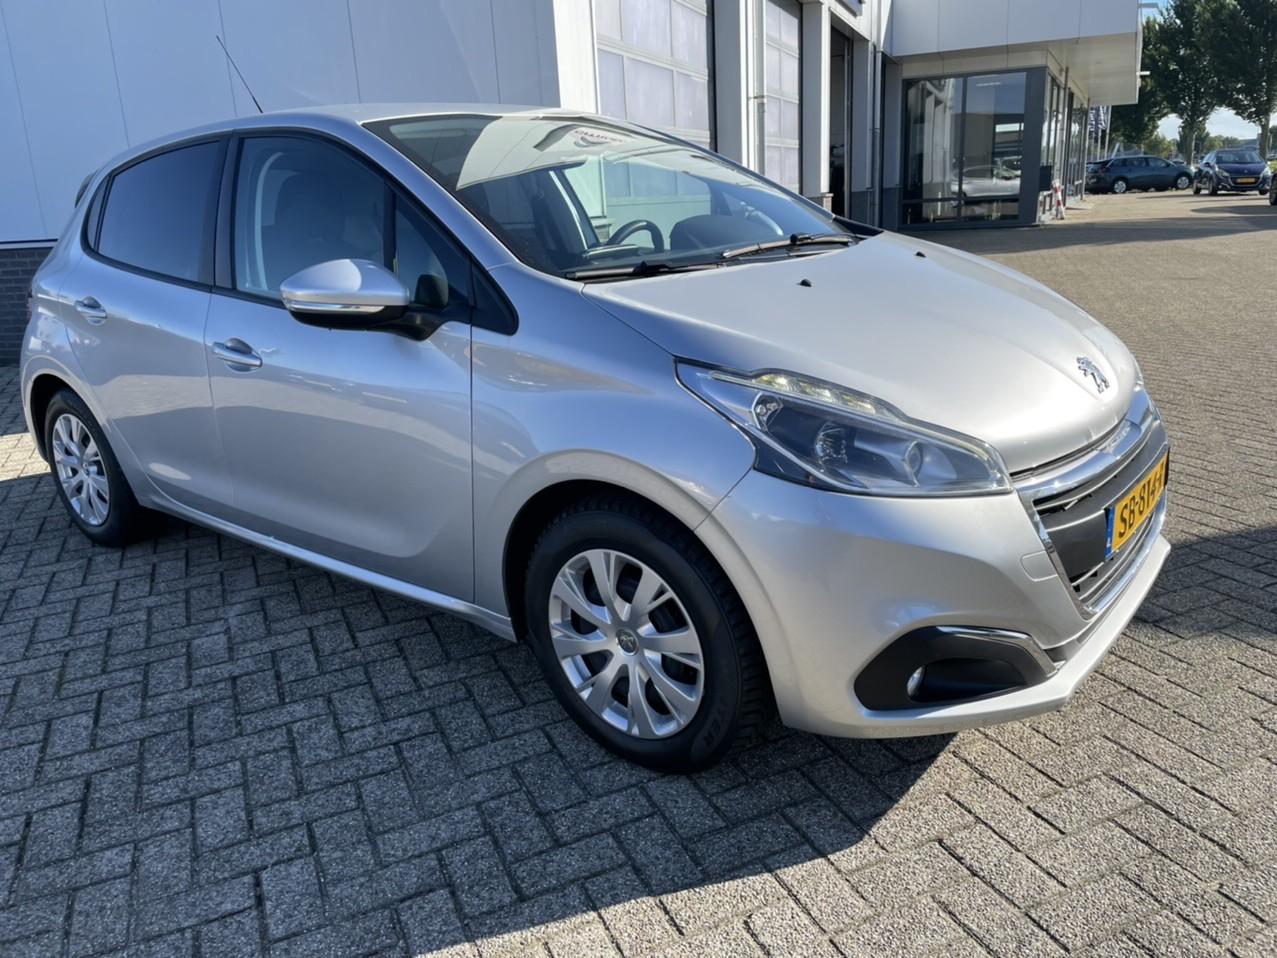 Peugeot 208 82 pk blue lease rijklaar prijs